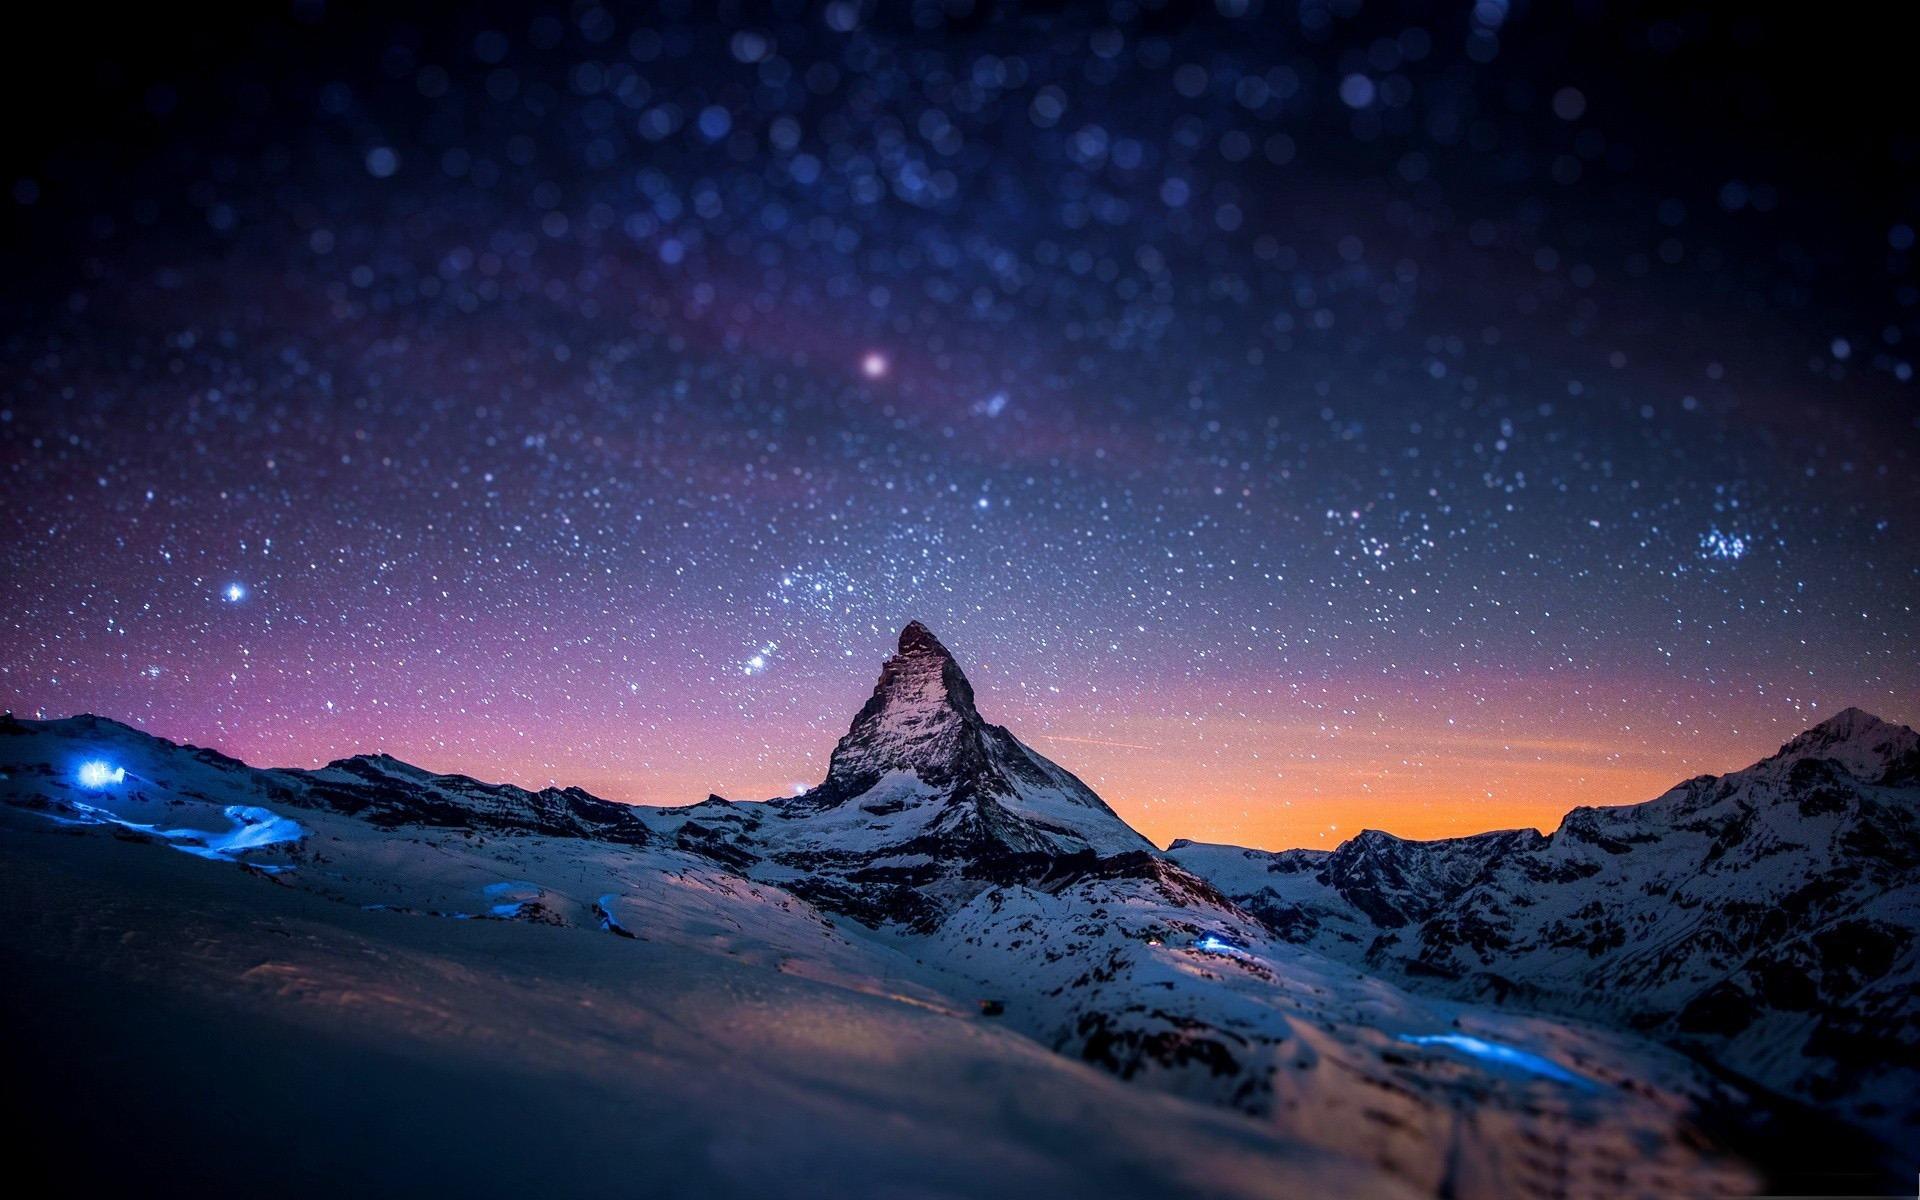 夜の山 山の風景壁紙プレビュー 10wallpaper Com